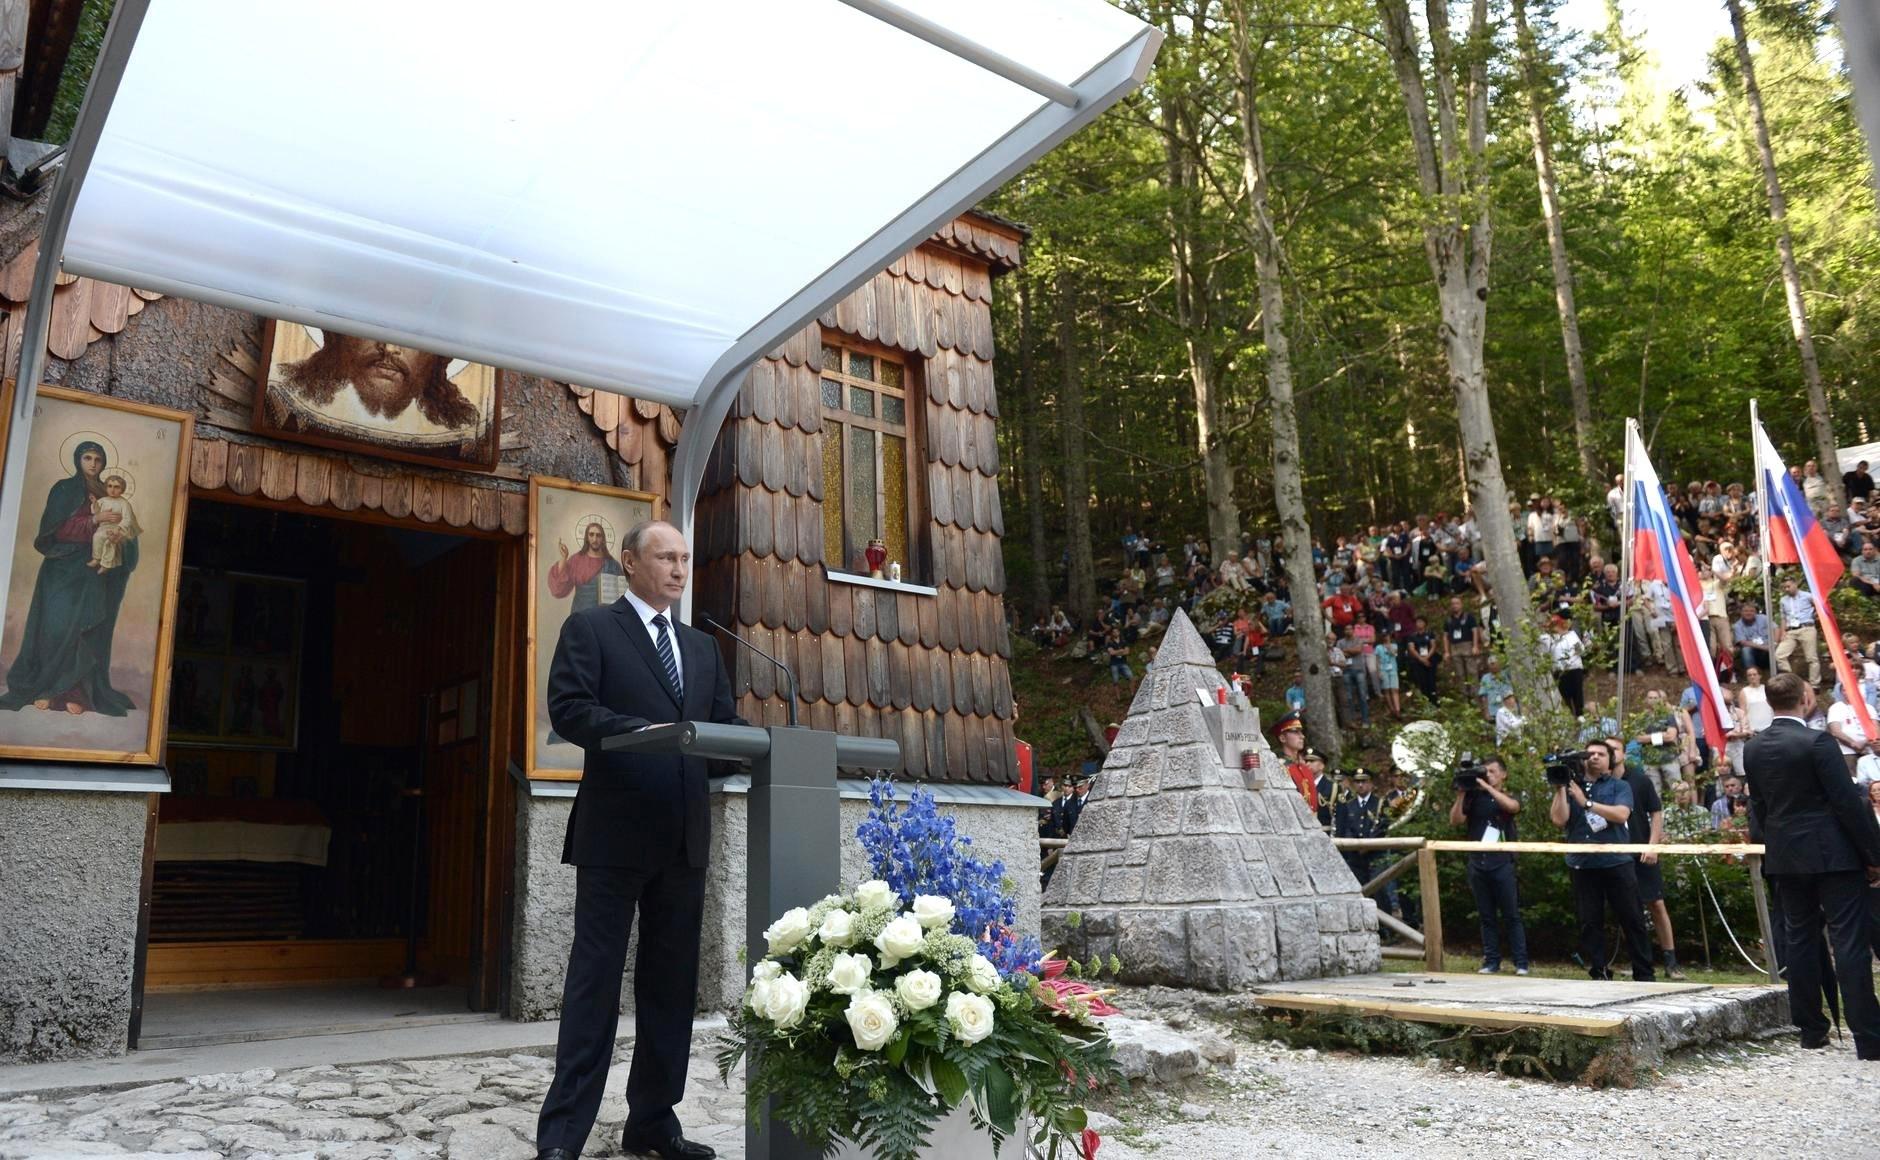 Vladimir Putin je obiskal Rusko kapelico 30. 7. 2016 ob njeni 100. obletnici nastanka.